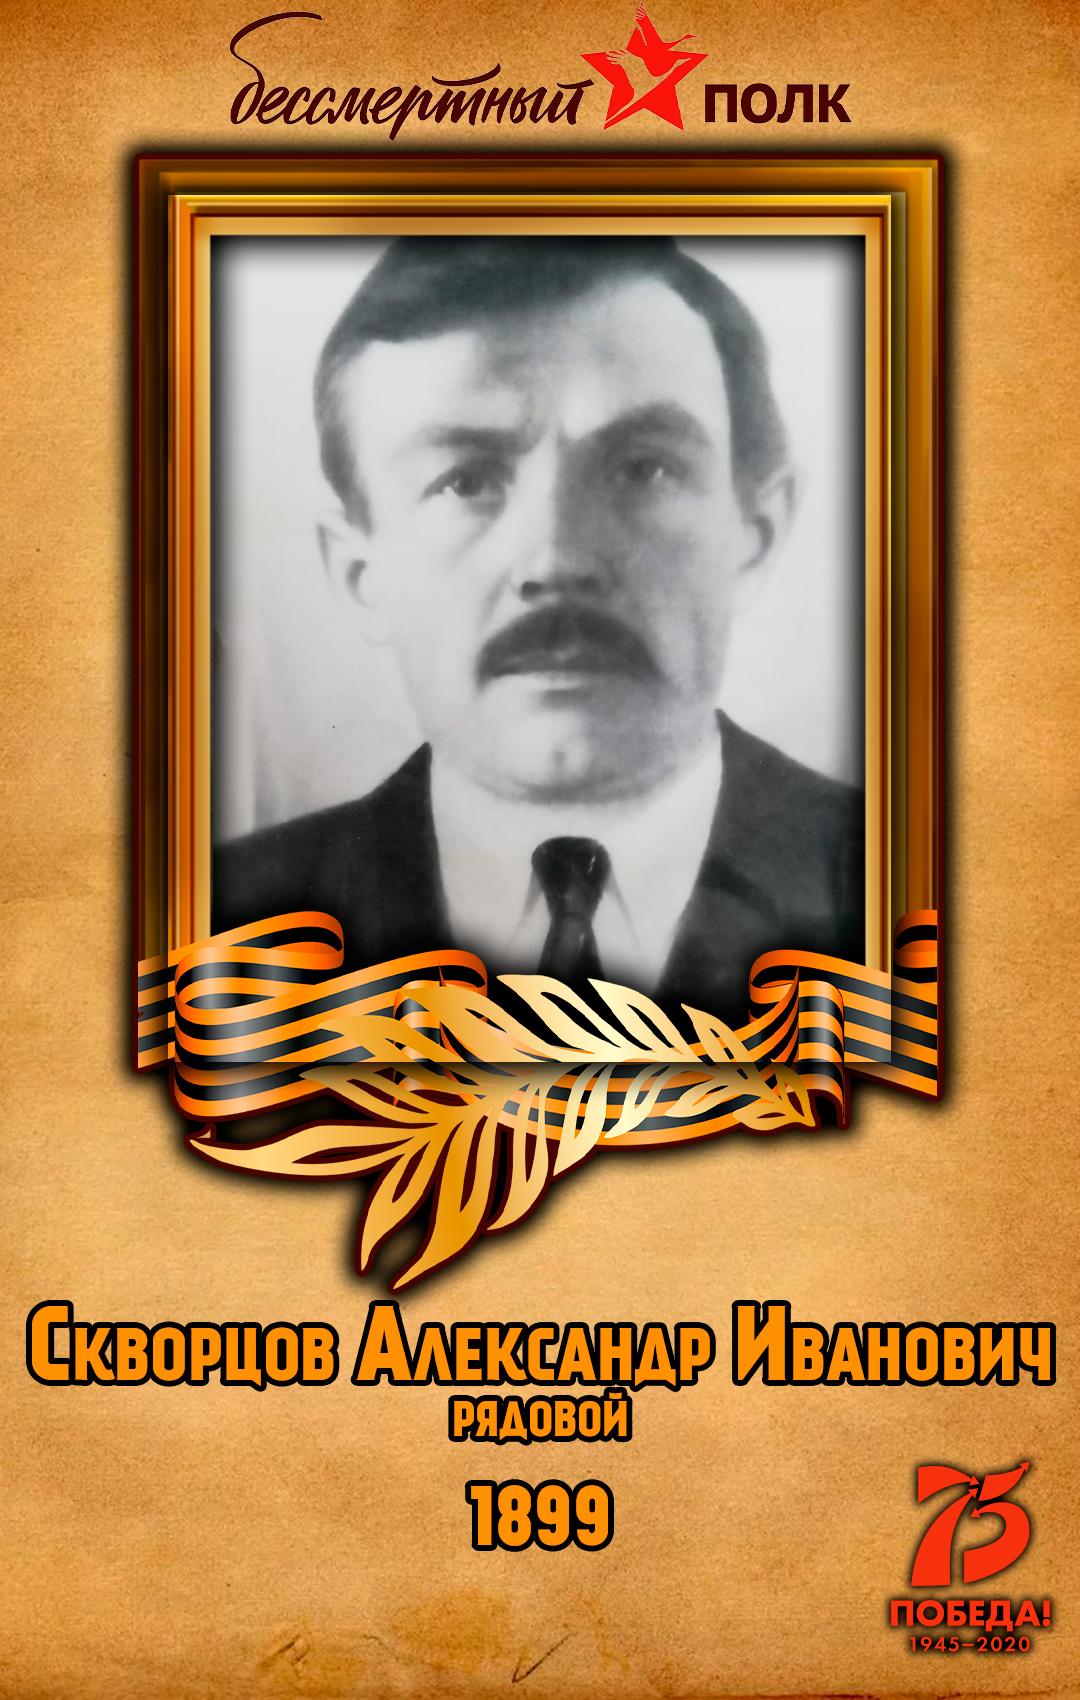 Скворцов-Александр-Иванович